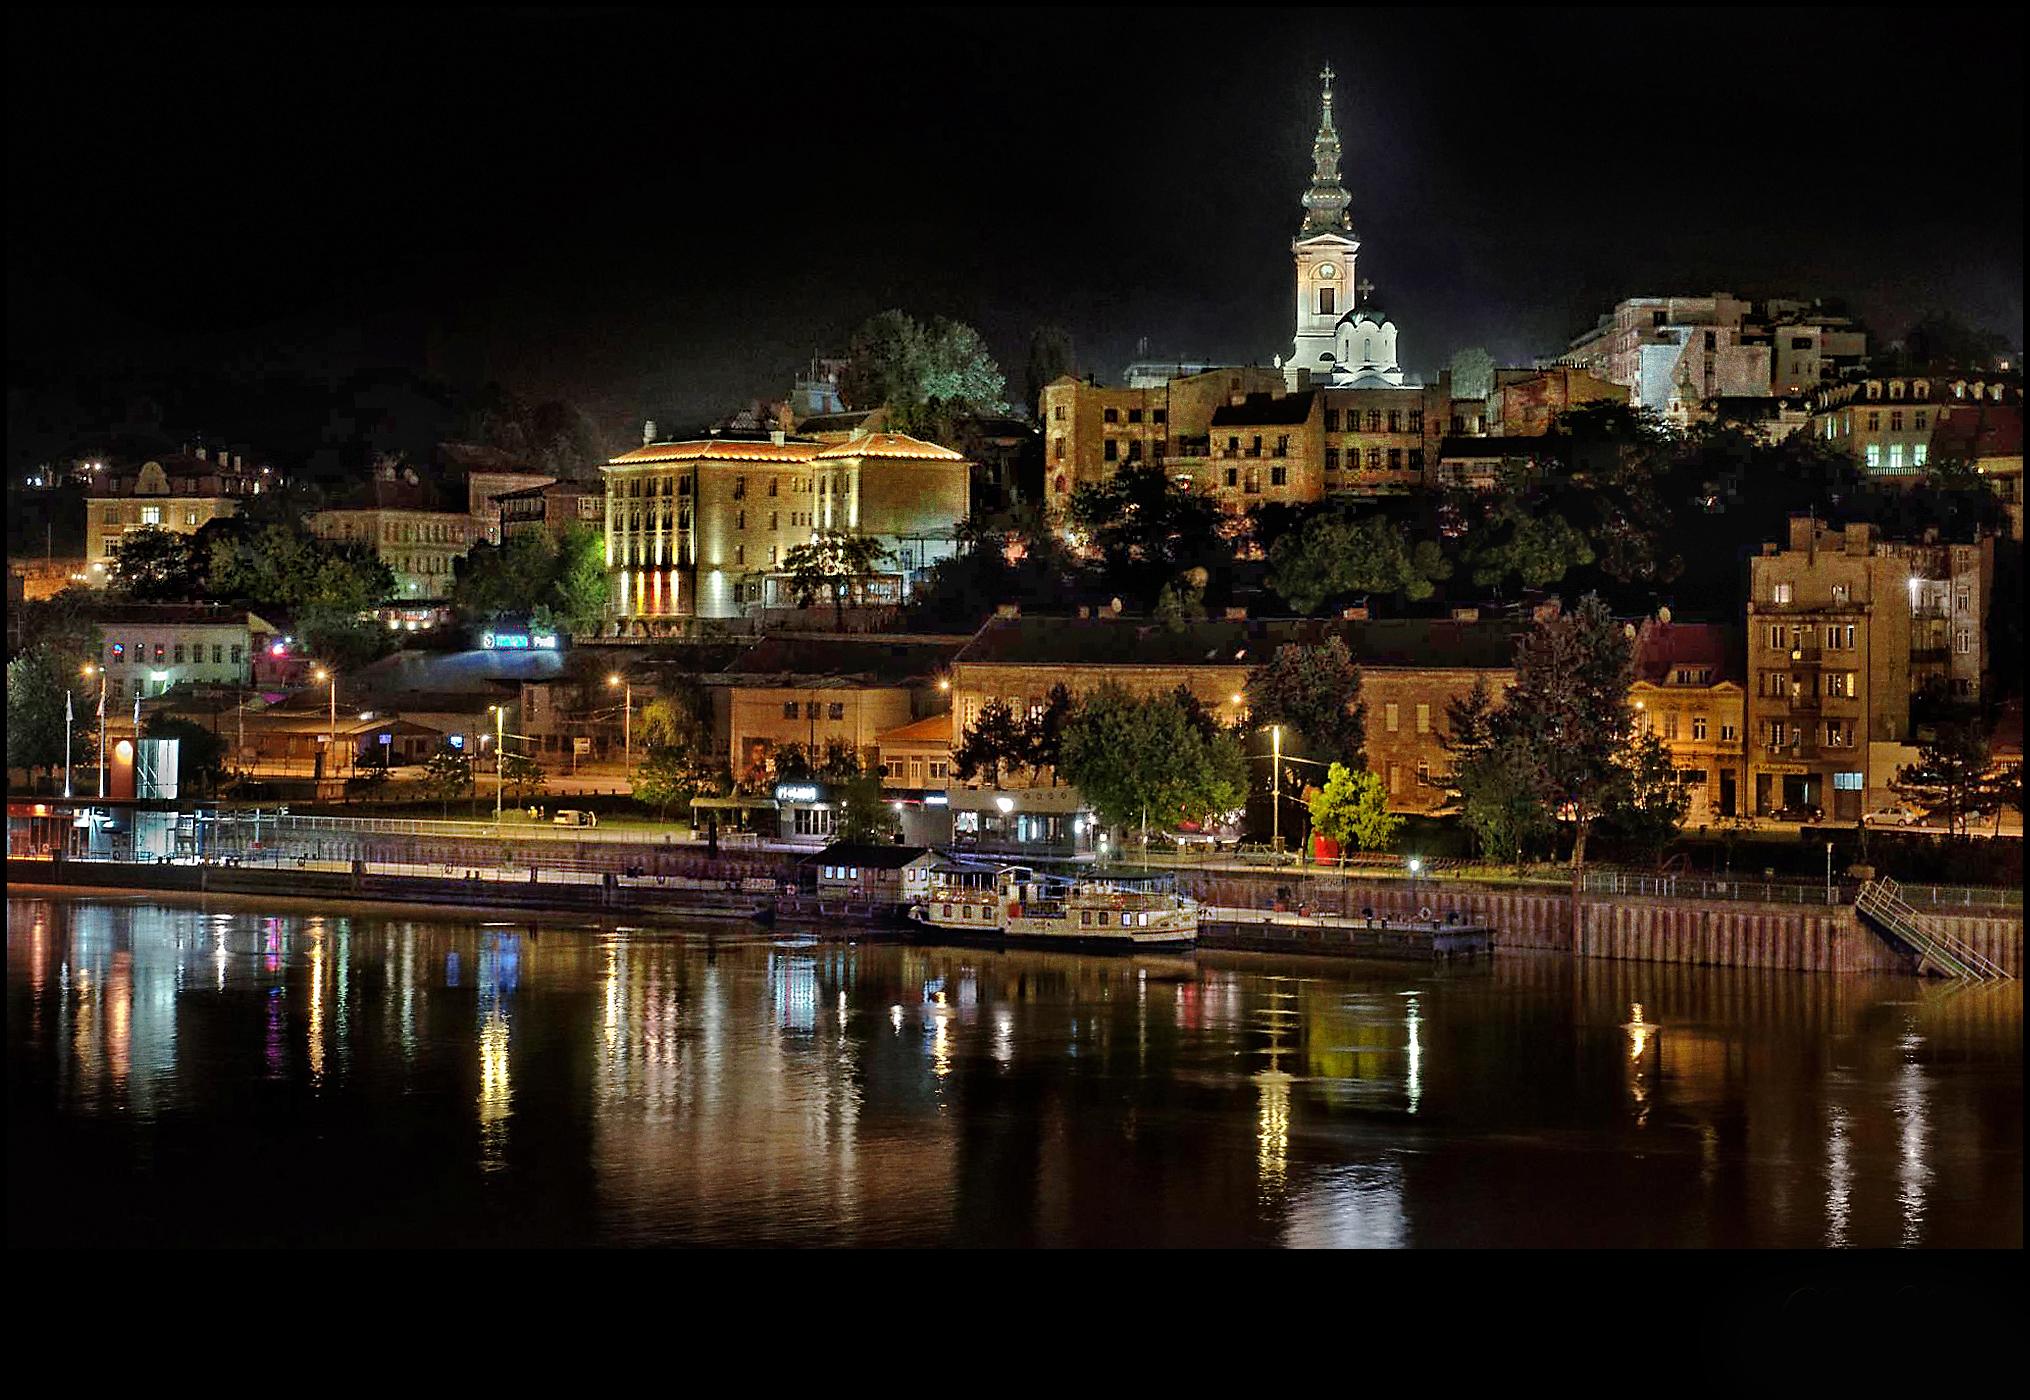 과거의 영광을 간직한 도시, 베오그라드- FltGraph 항공권 추천 60